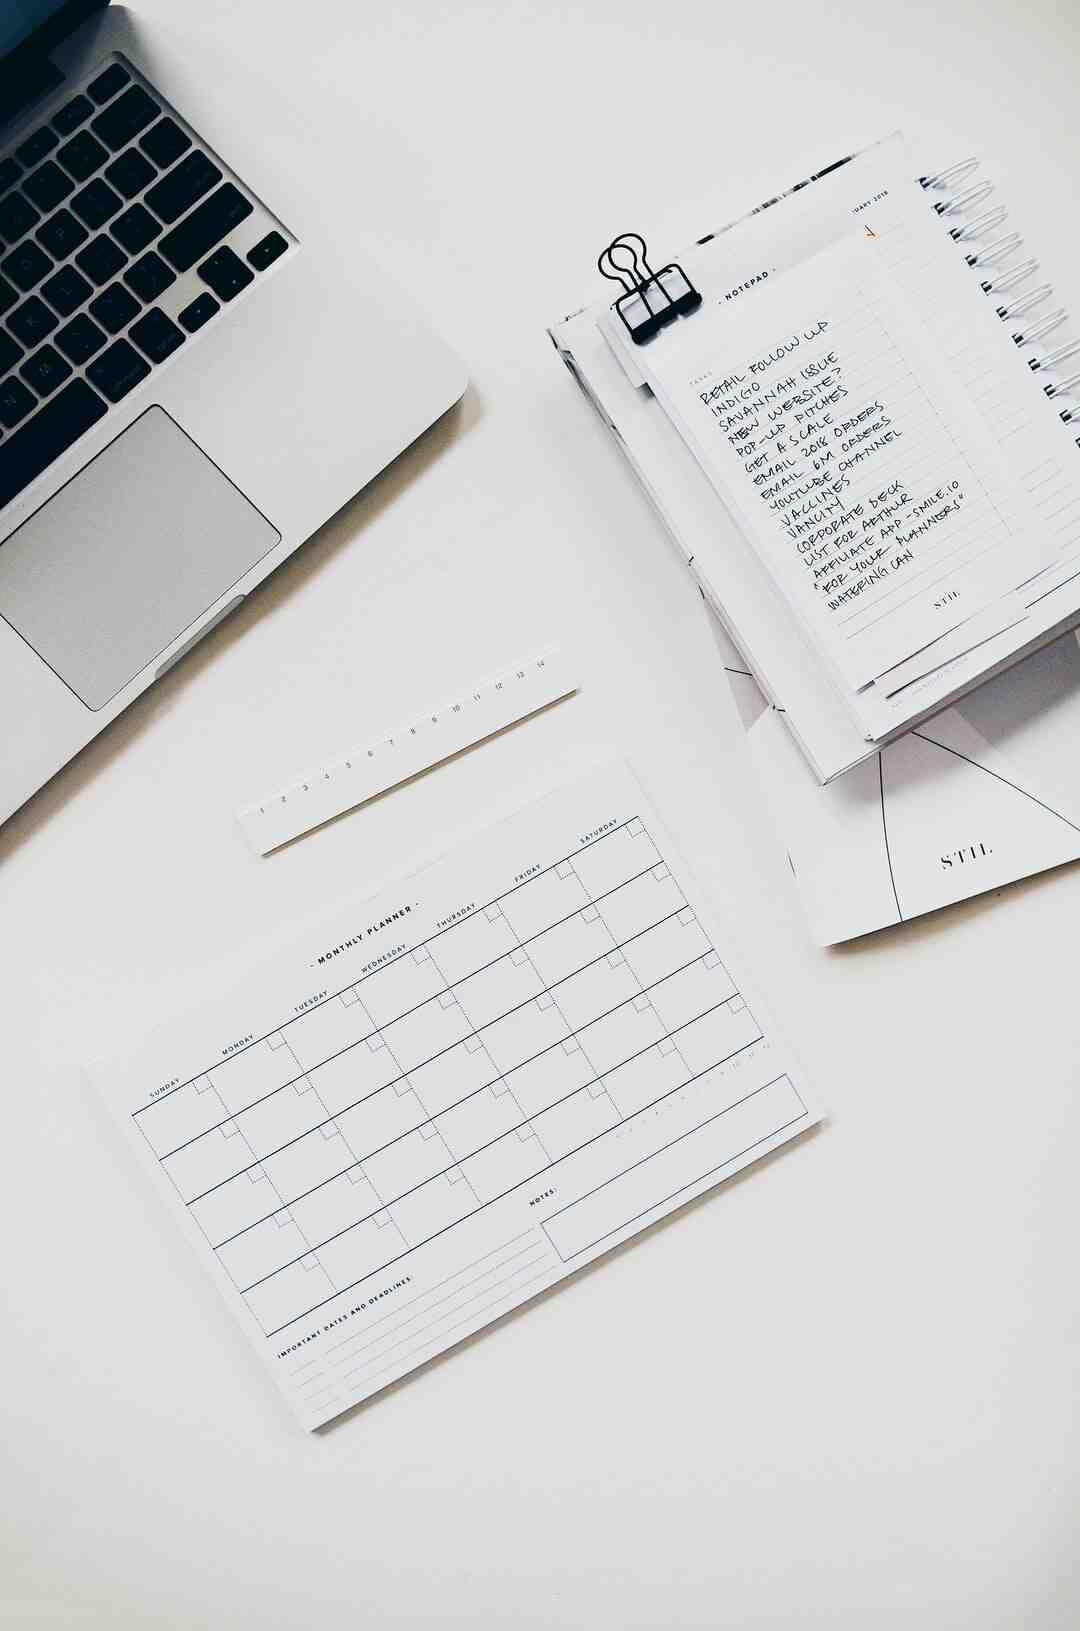 Comment calculer mon impôt sur le revenu 2019 ?